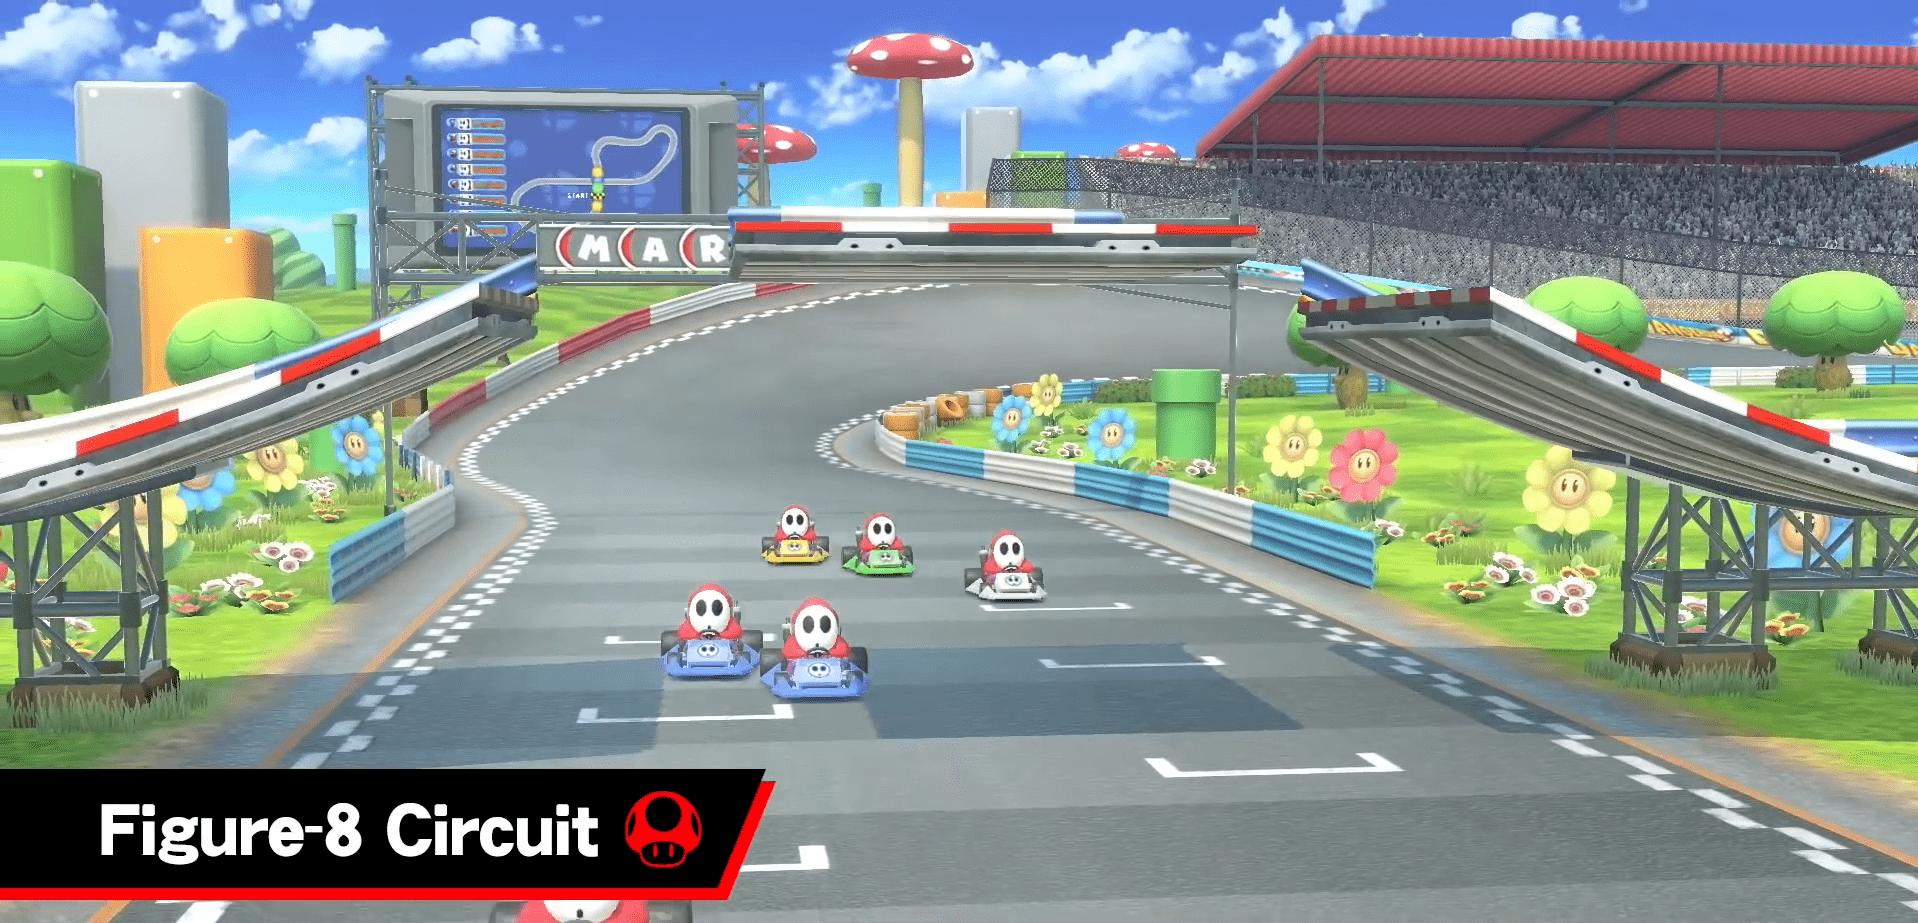 Super Smash Bros ultimate nintendo direct escenario 5